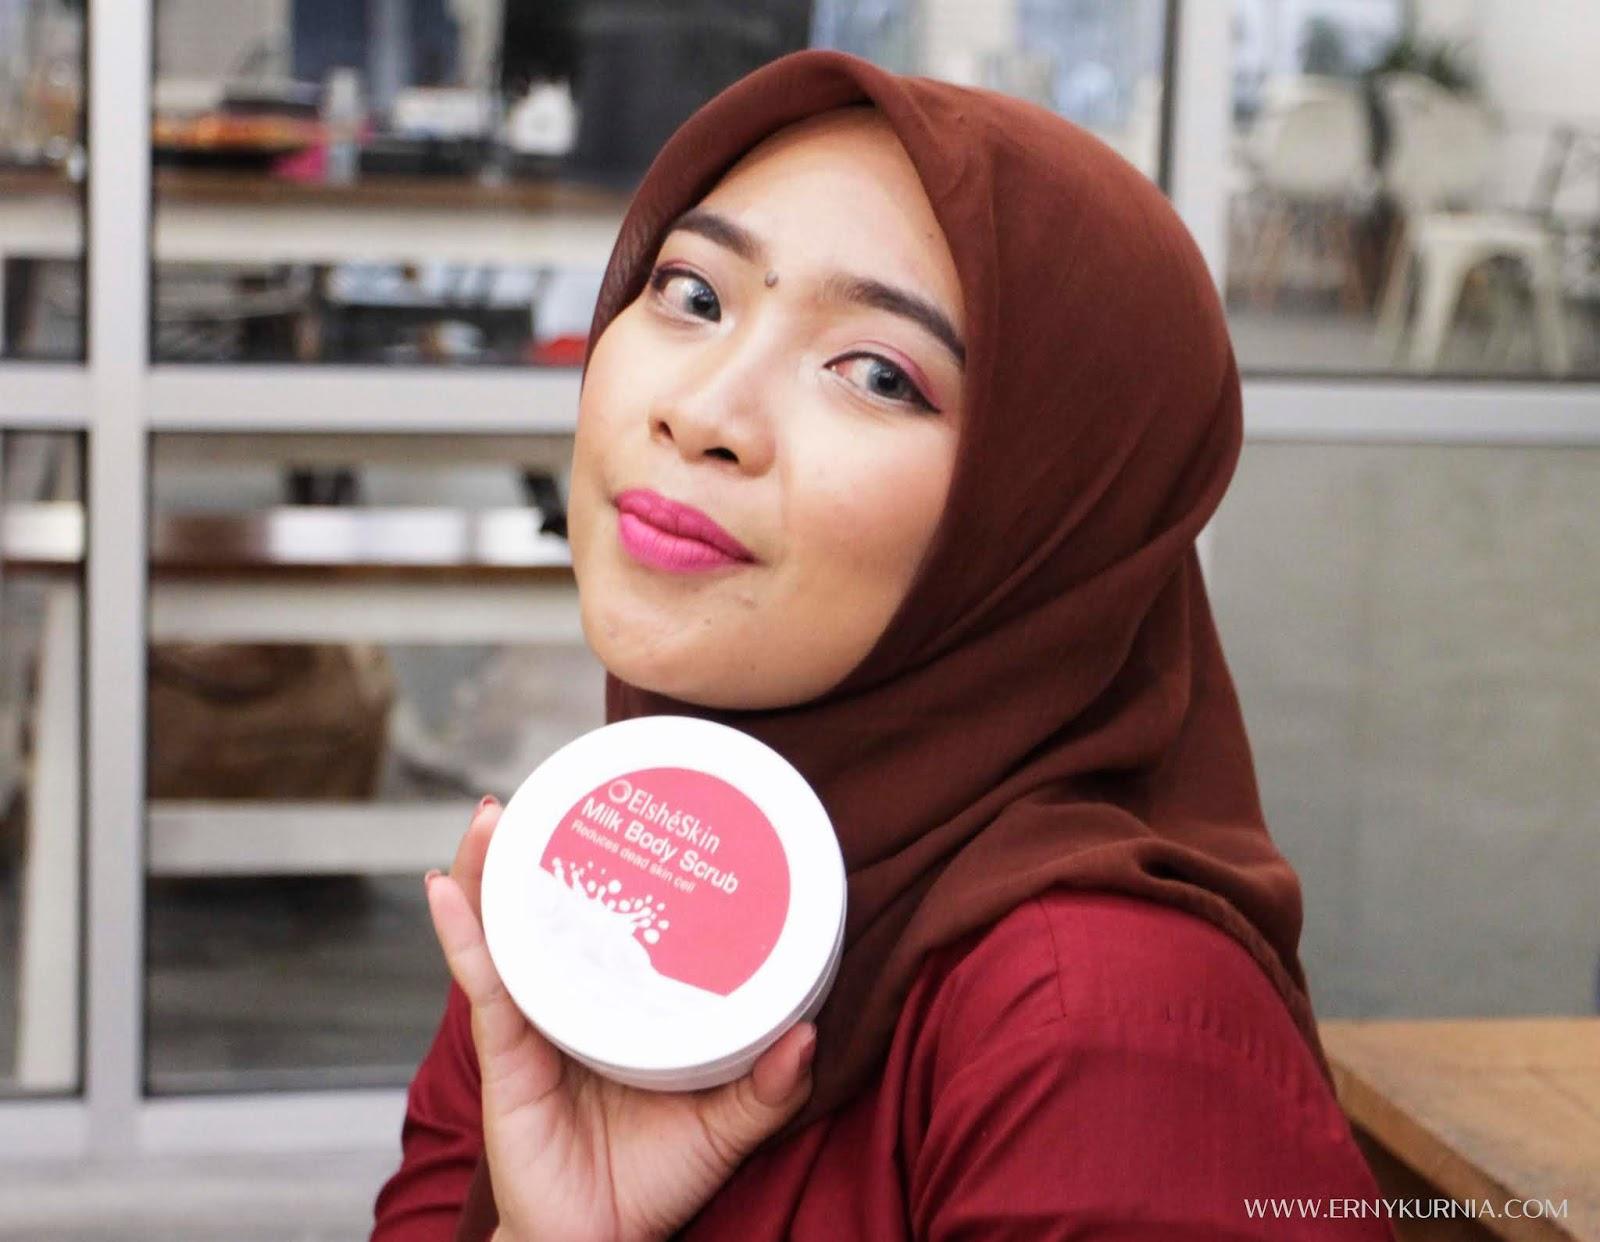 Mencoba Lips Product Dan Body Scrub Elshe Skin Ernys Journal Elsheskin Lip Sugar Pertama Kali Saya Notice Dengan Teksturnya Yang Creamy Butiran Ramah Di Kulit Aromanya Sendiri Seperti Susu Vanilla